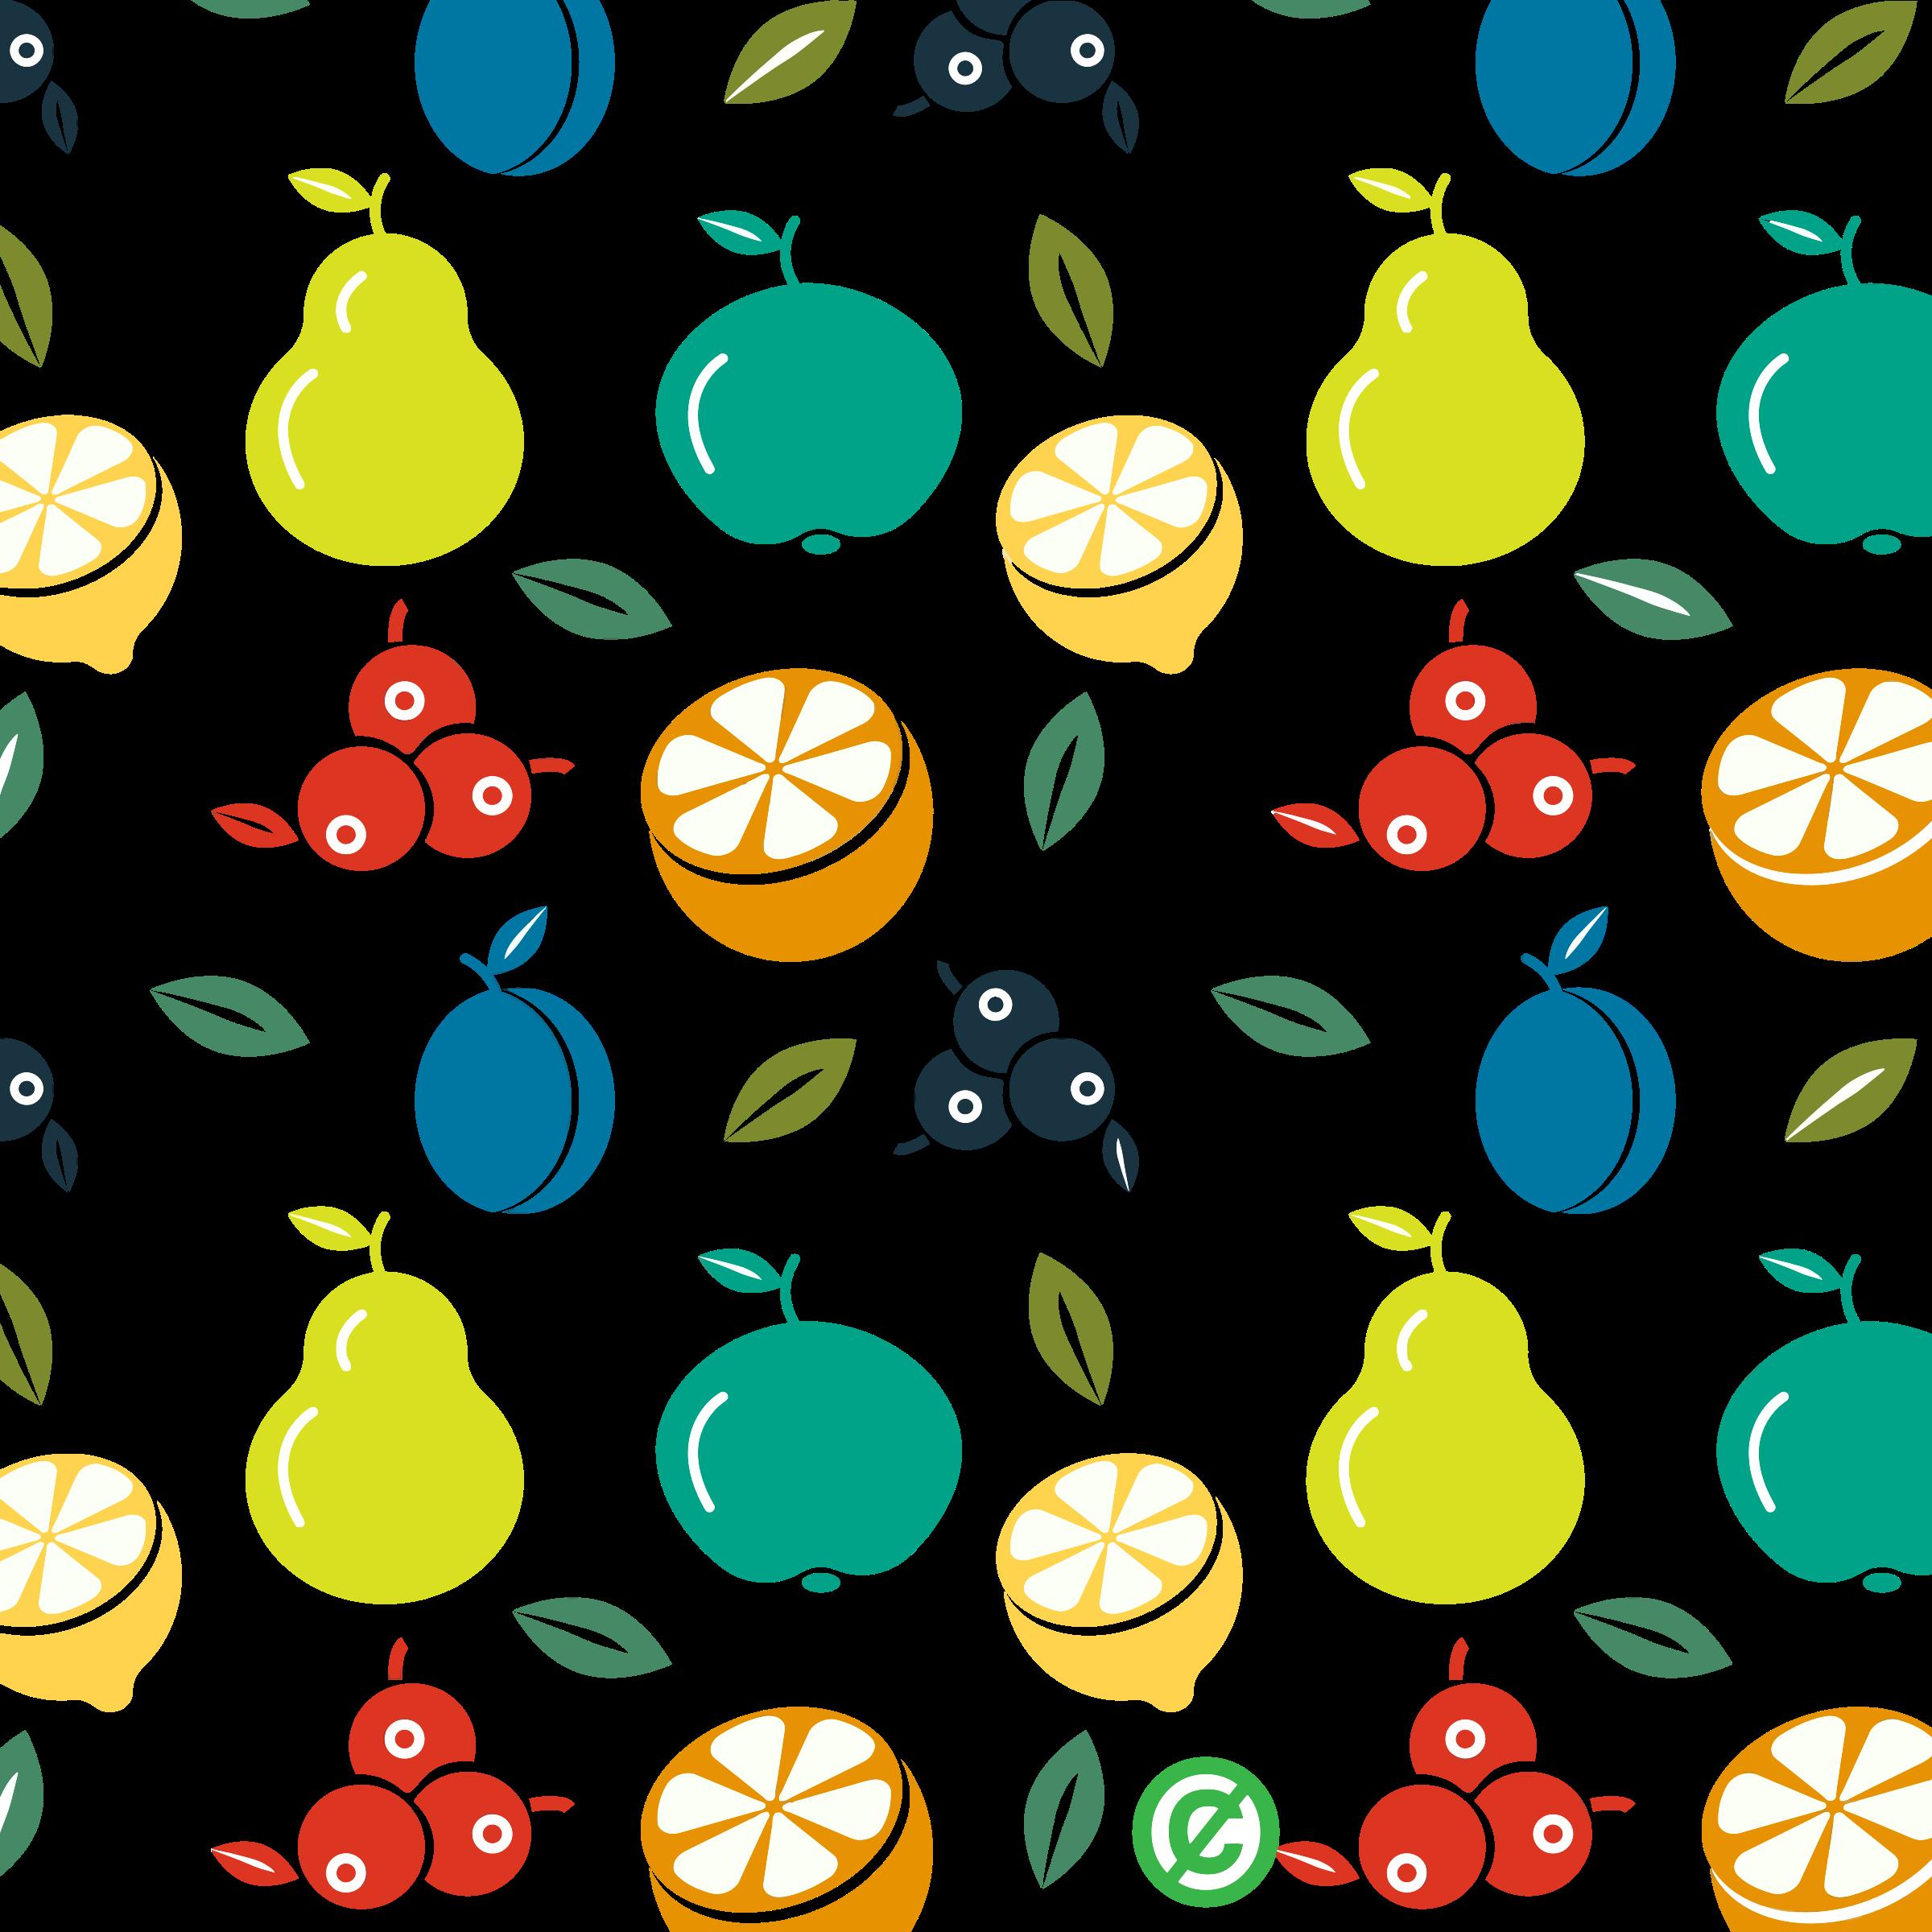 Design clipart fruit. Pattern background big image